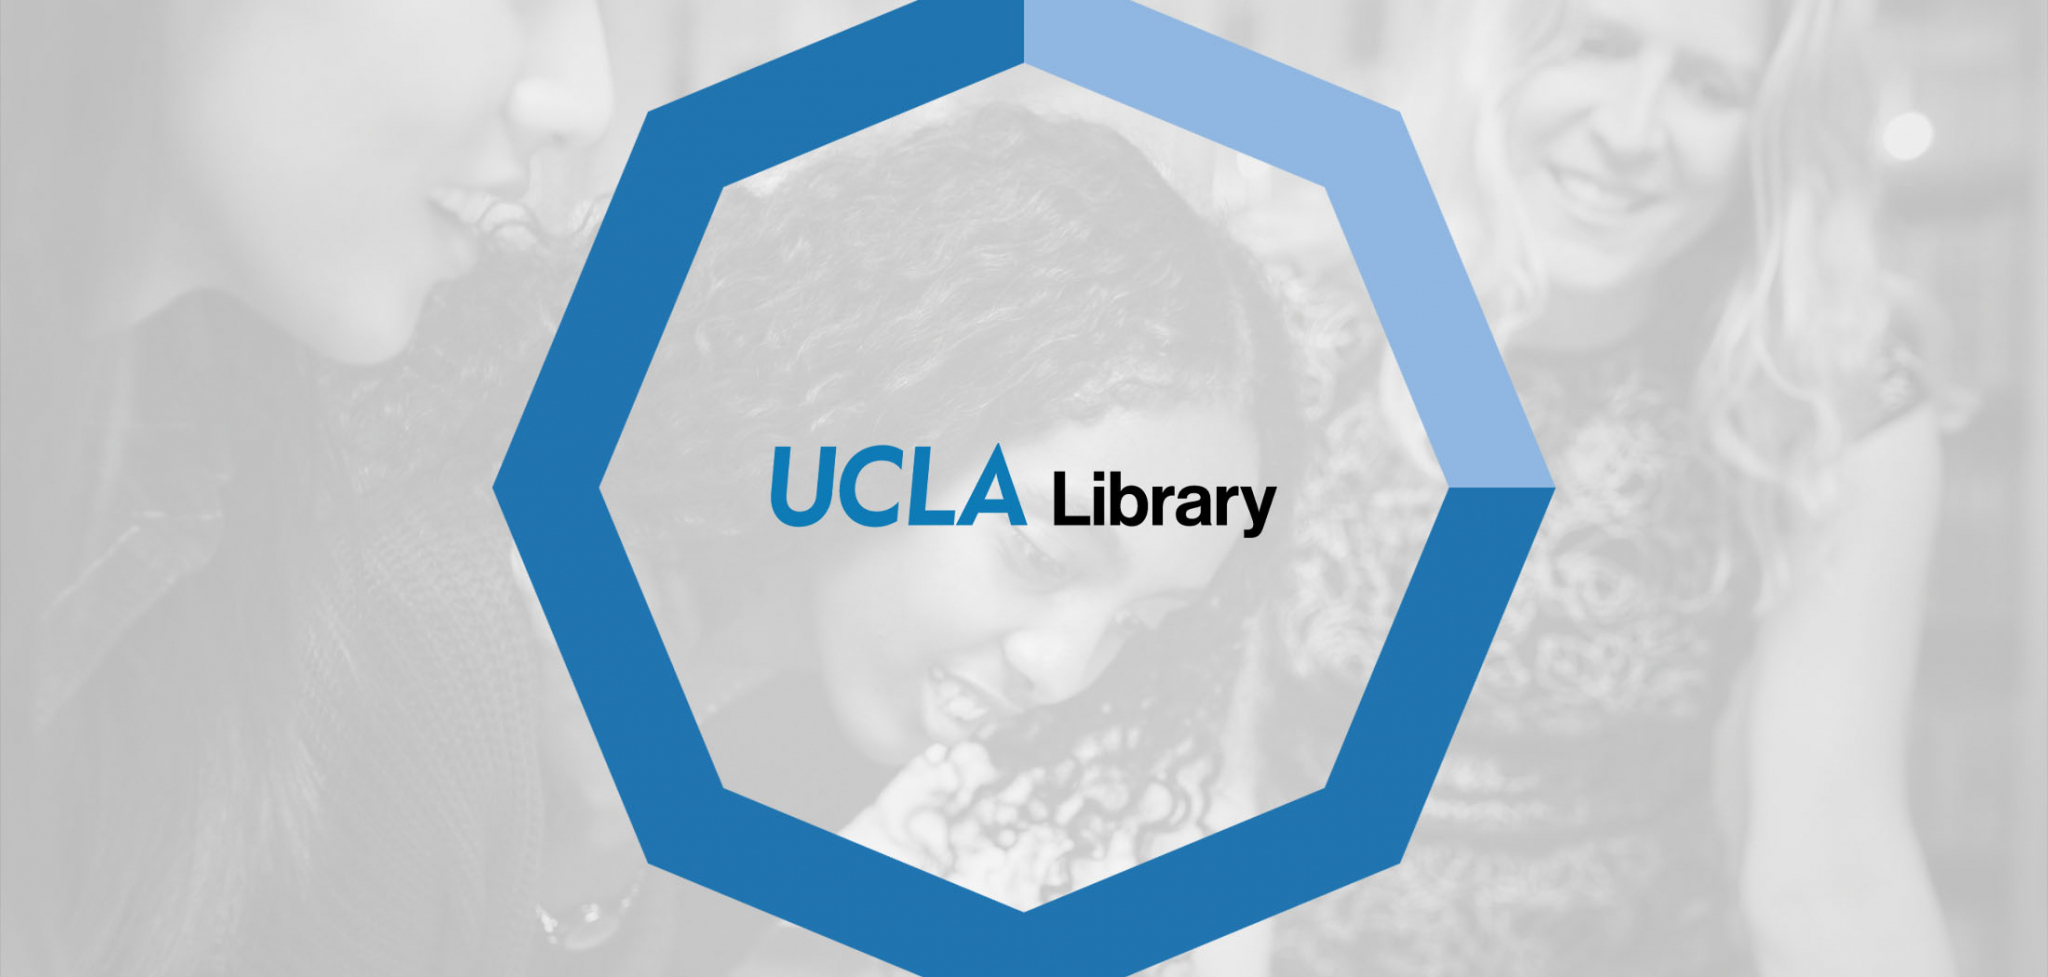 UCLA Library Rebranding Logo Design